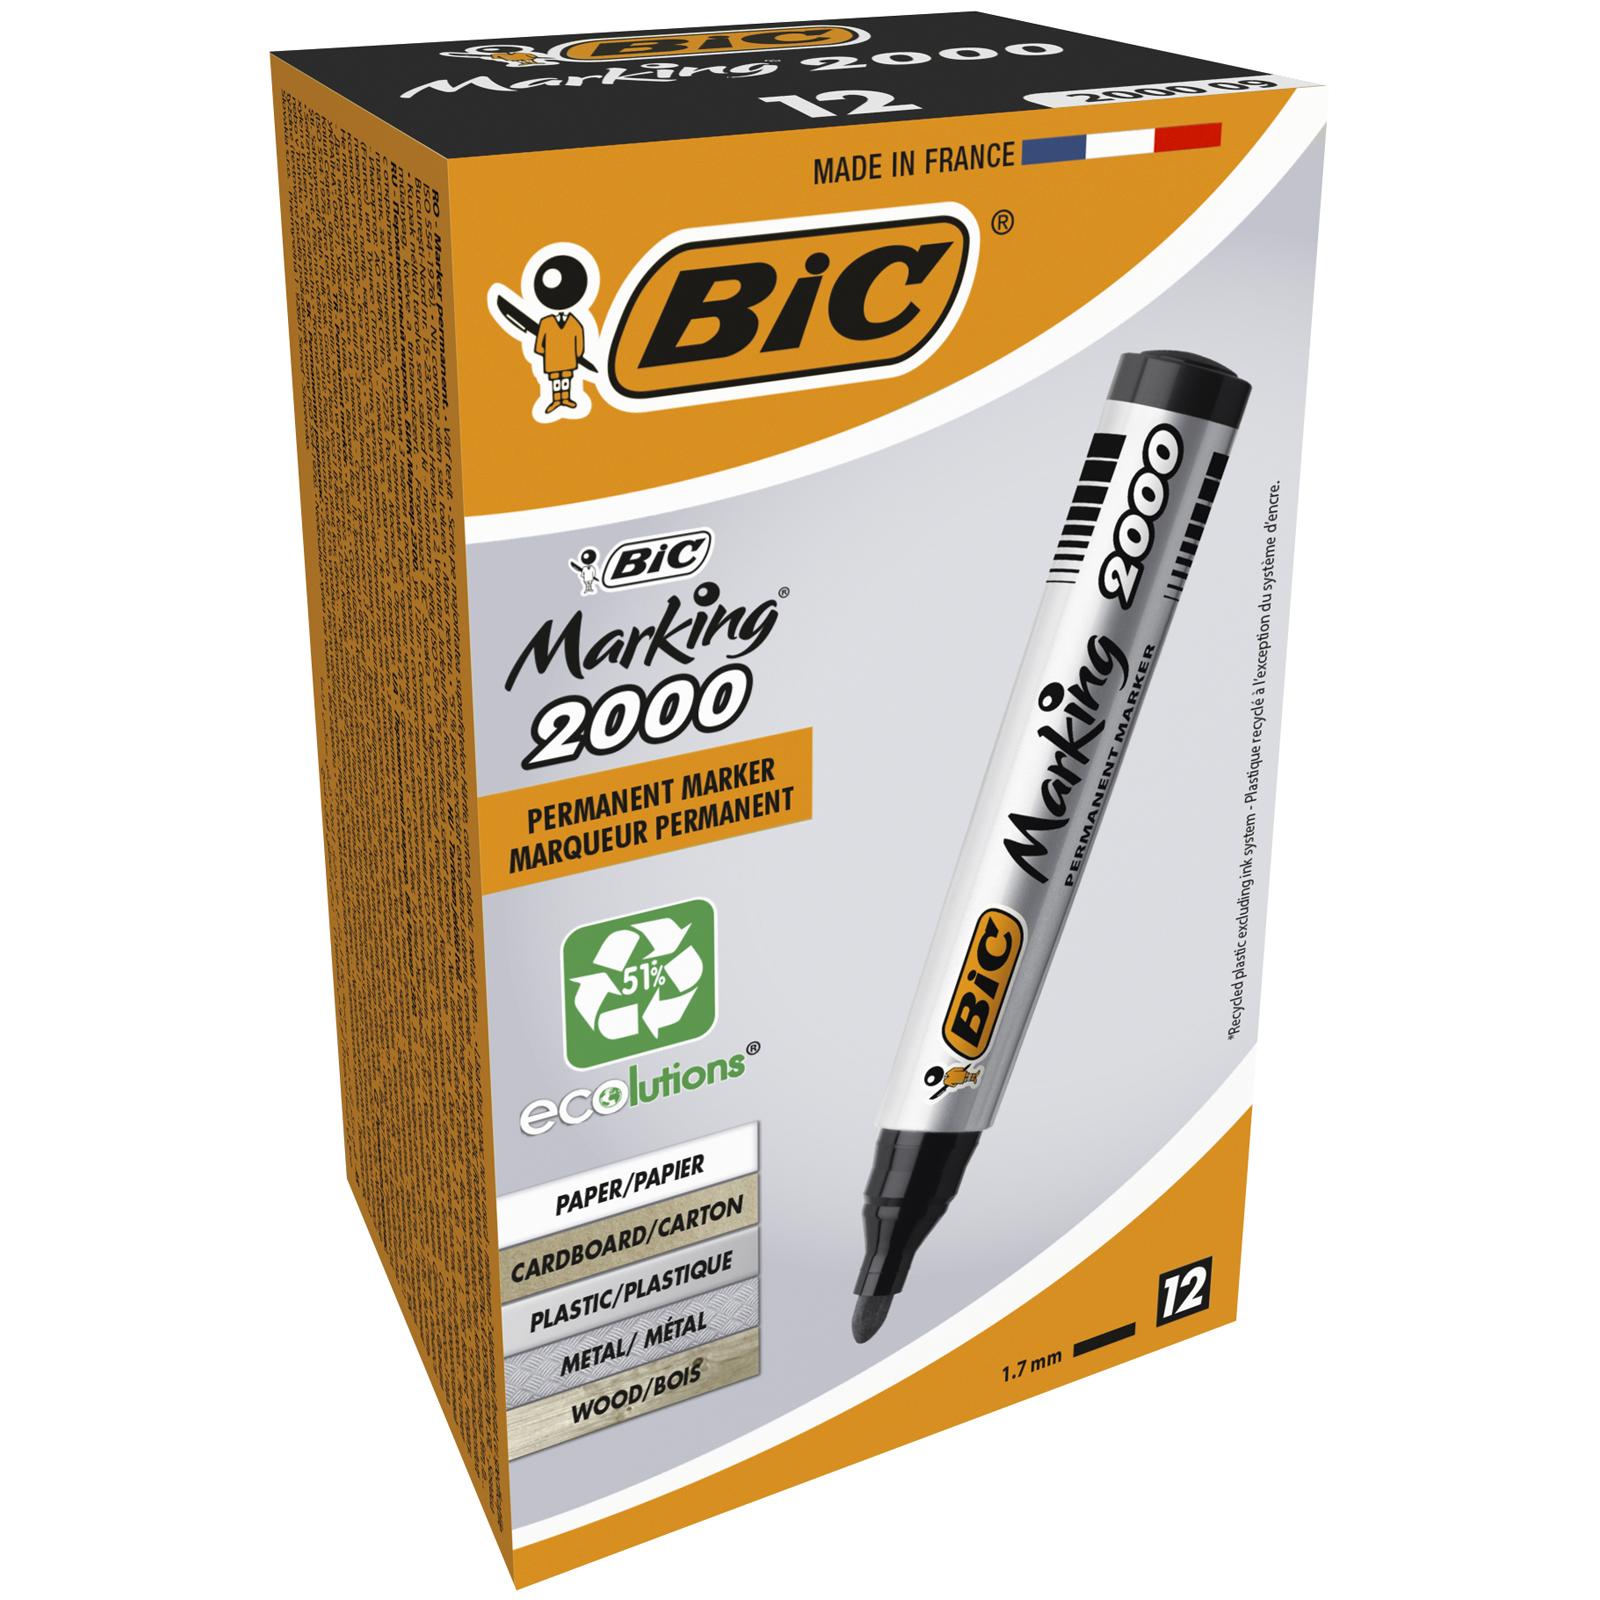 BIC MARKING 2000 - Pack de 12 marqueurs permanents - pointe ogive - noir